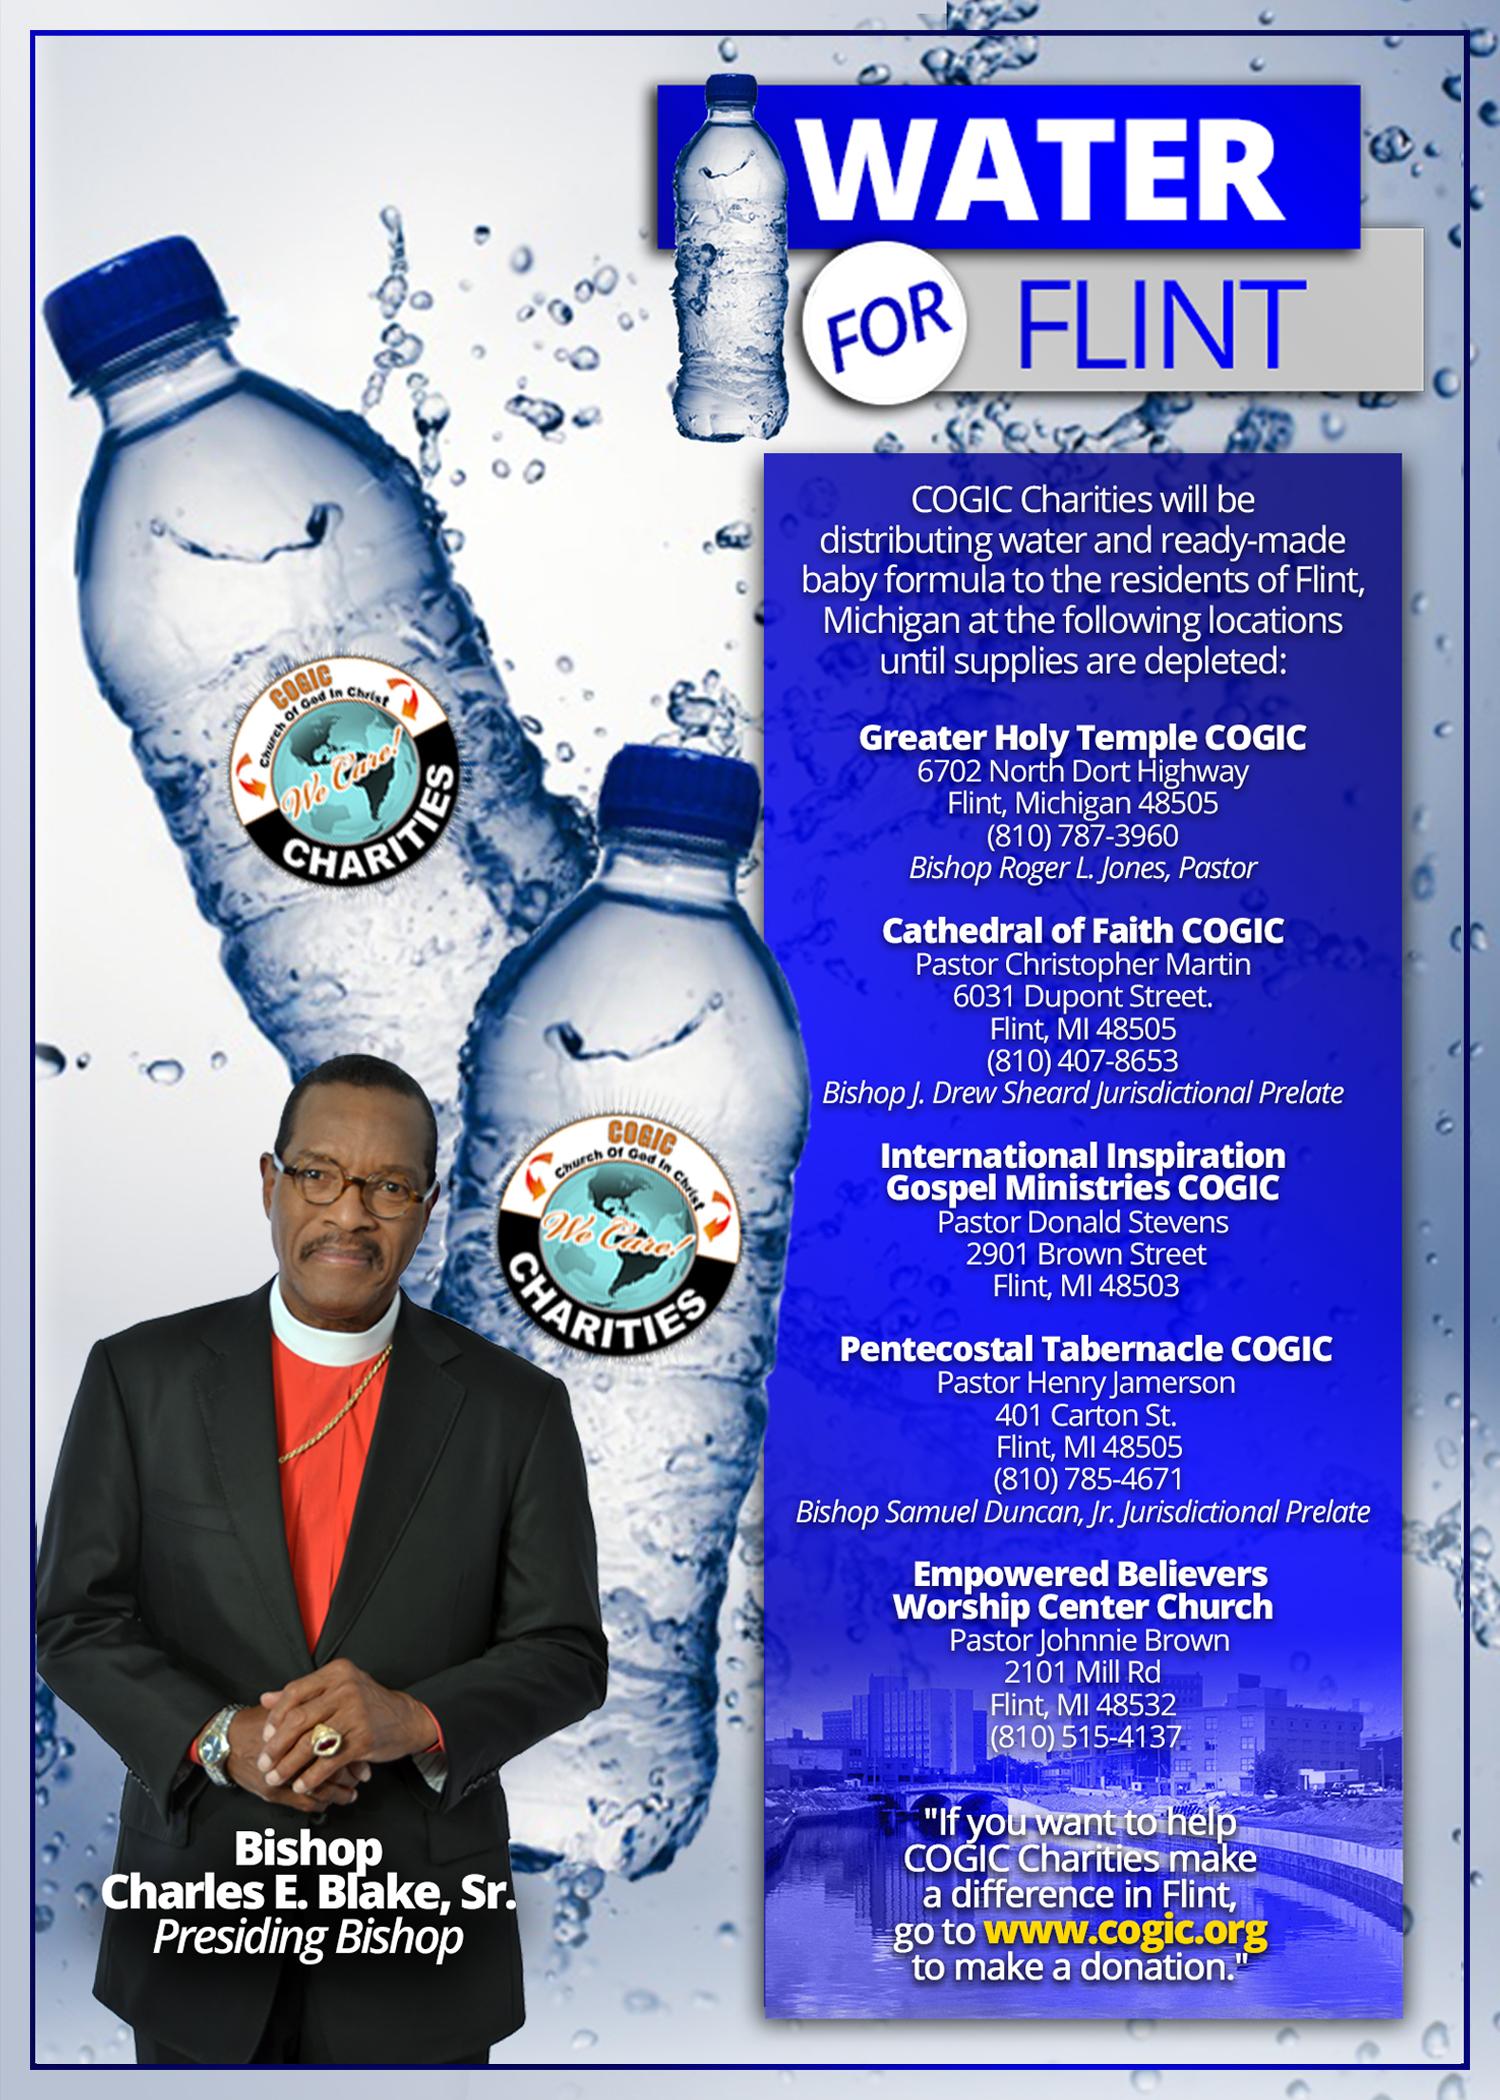 Water_5_flint